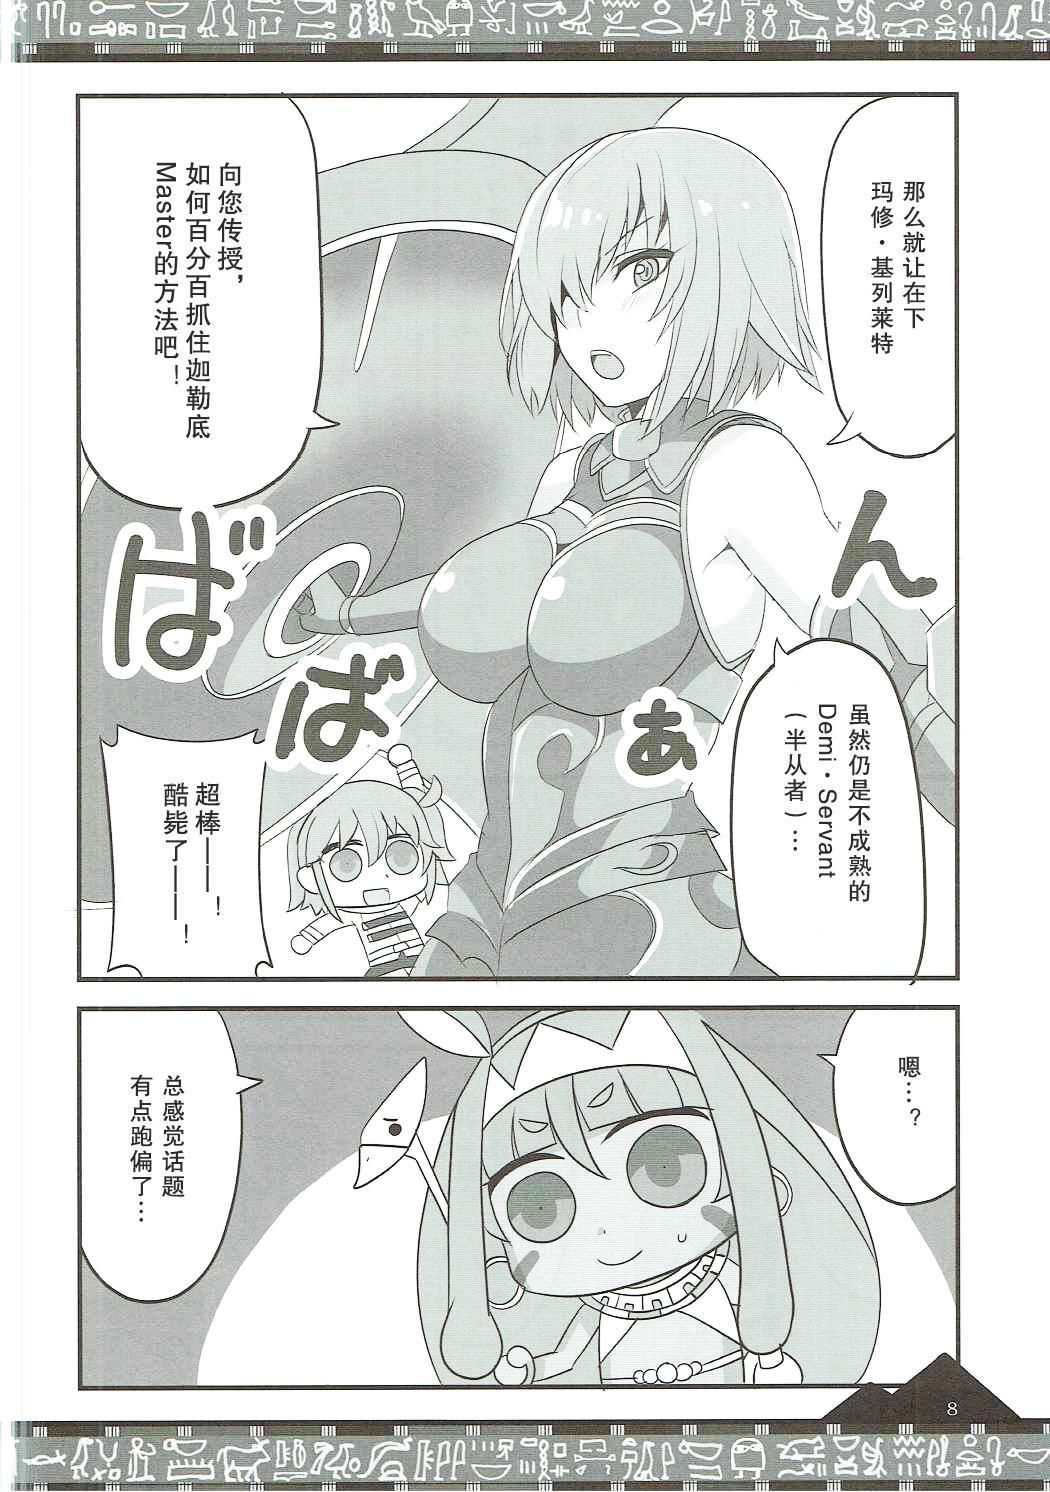 Osuki ni Demasei! | 如君所愿DE MA SEI! 7